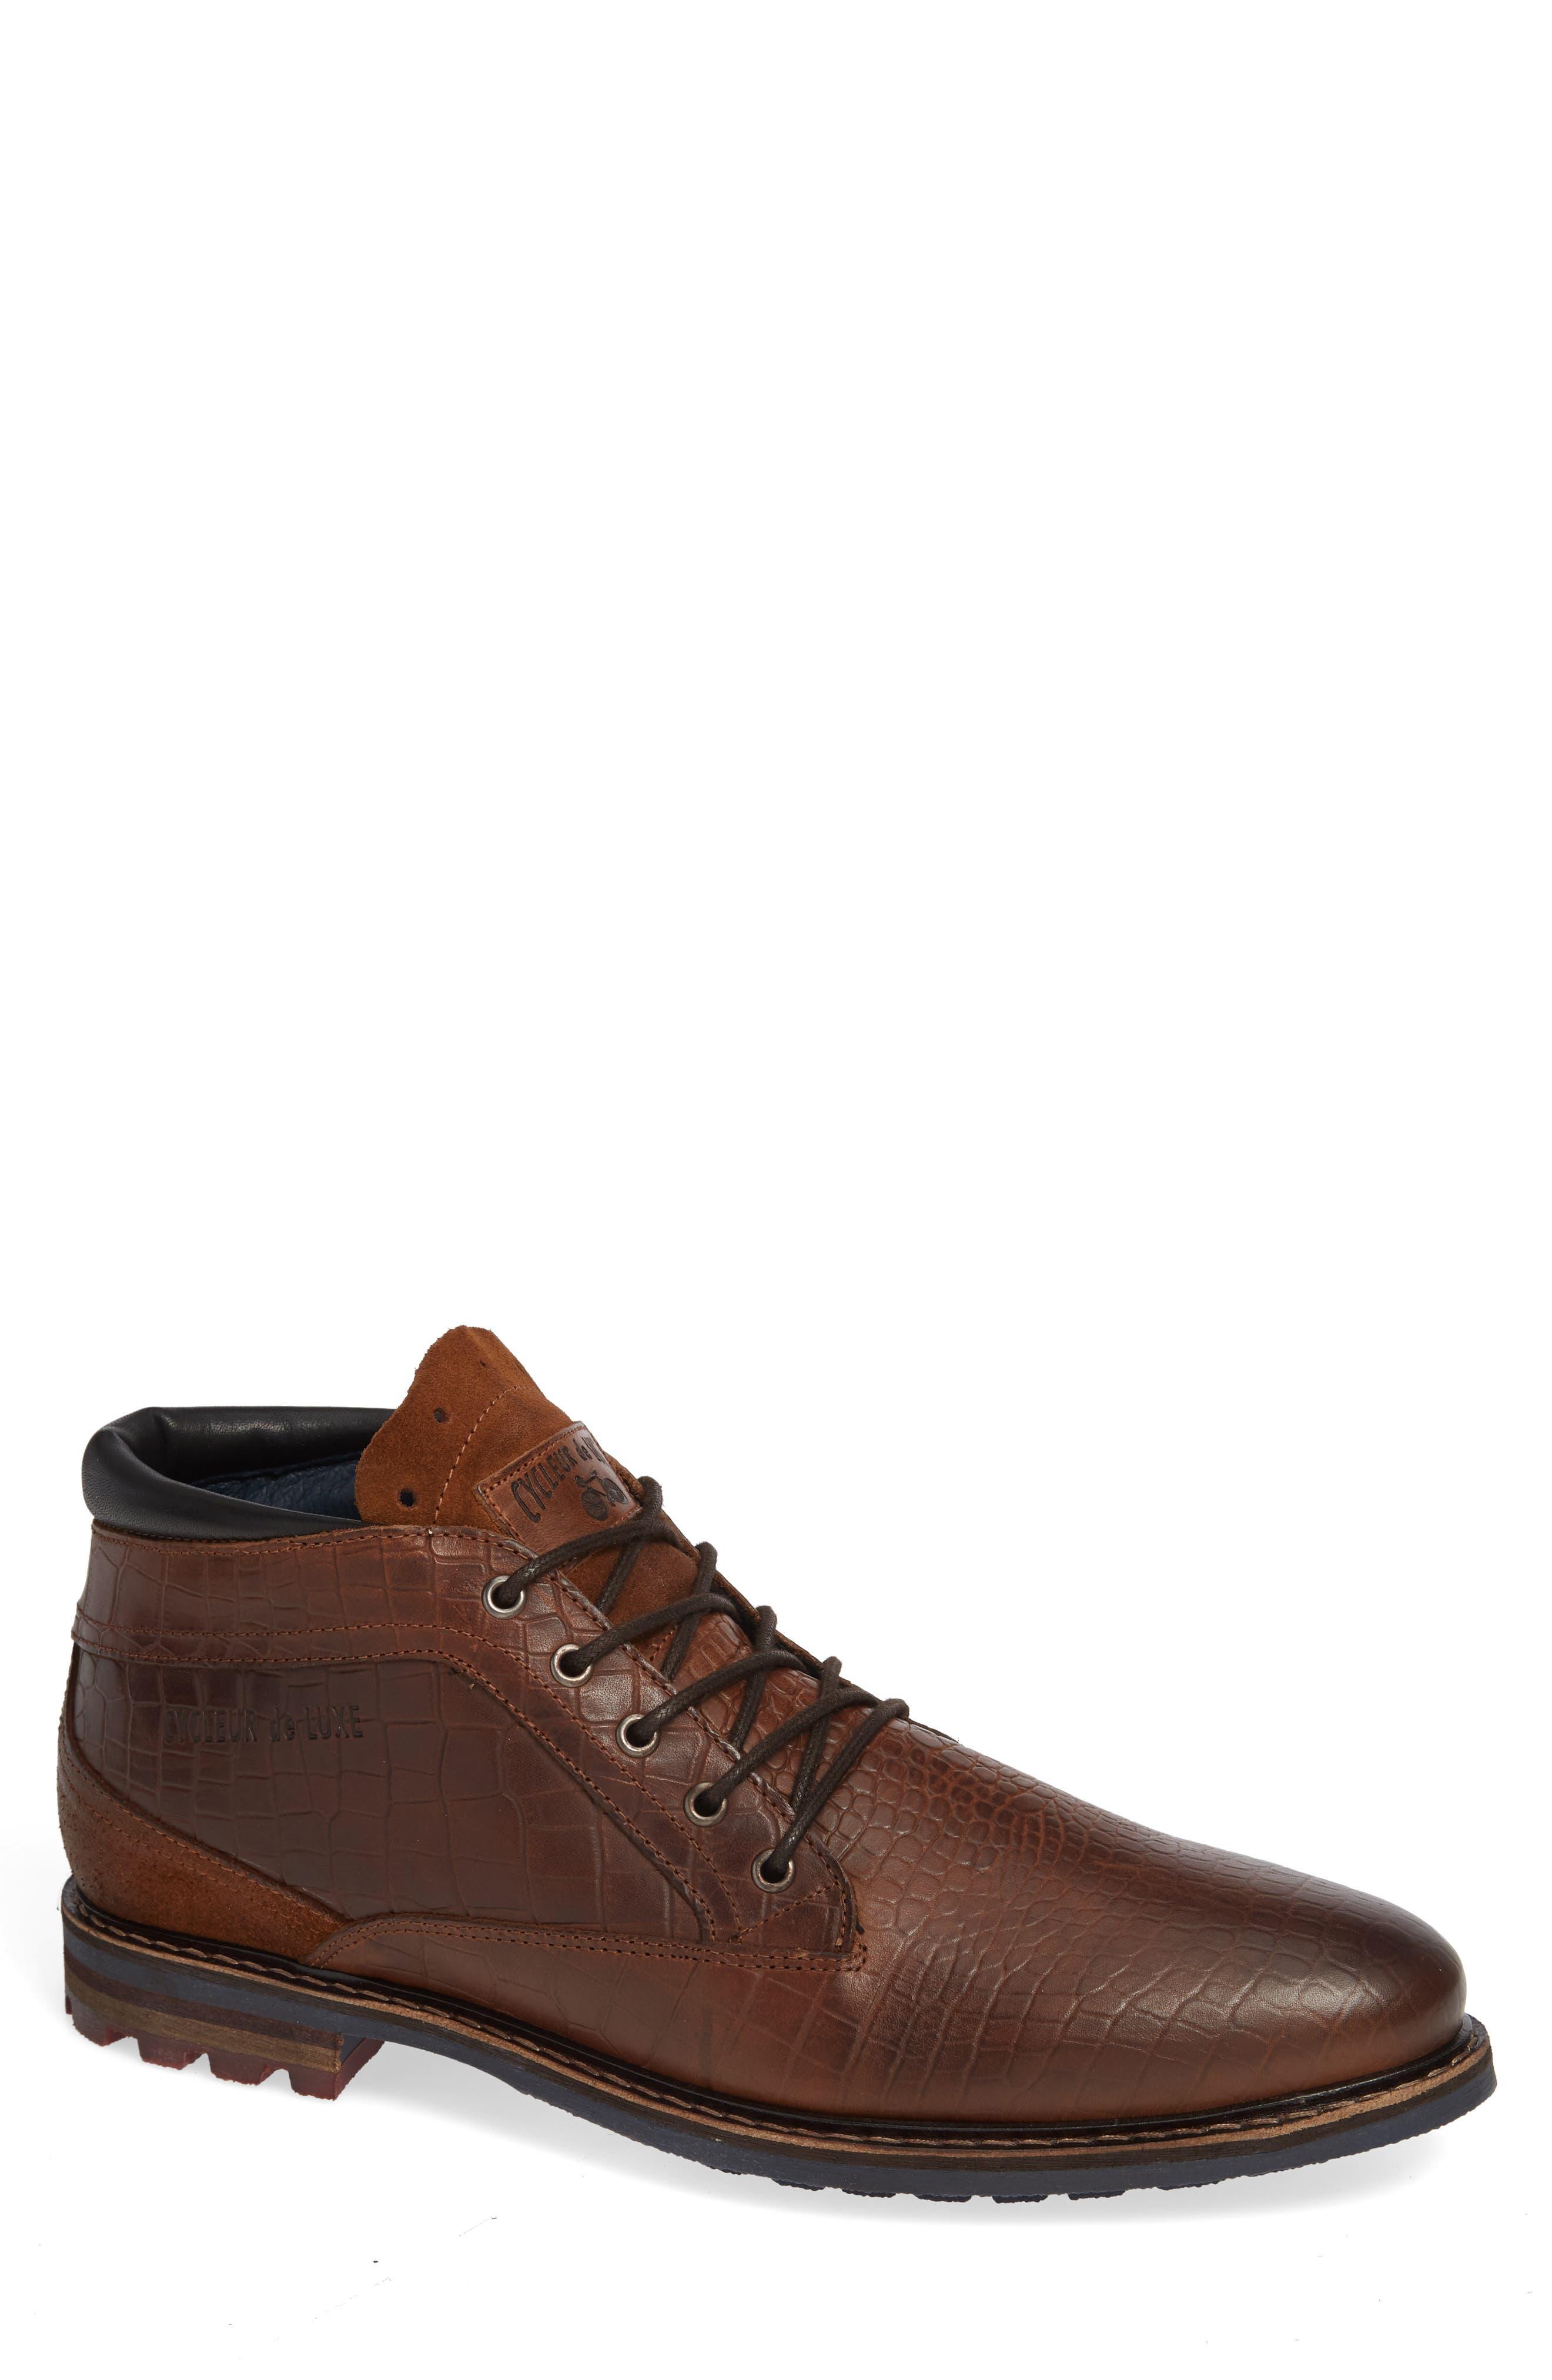 Manton Plain Toe Boot,                         Main,                         color, COGNAC